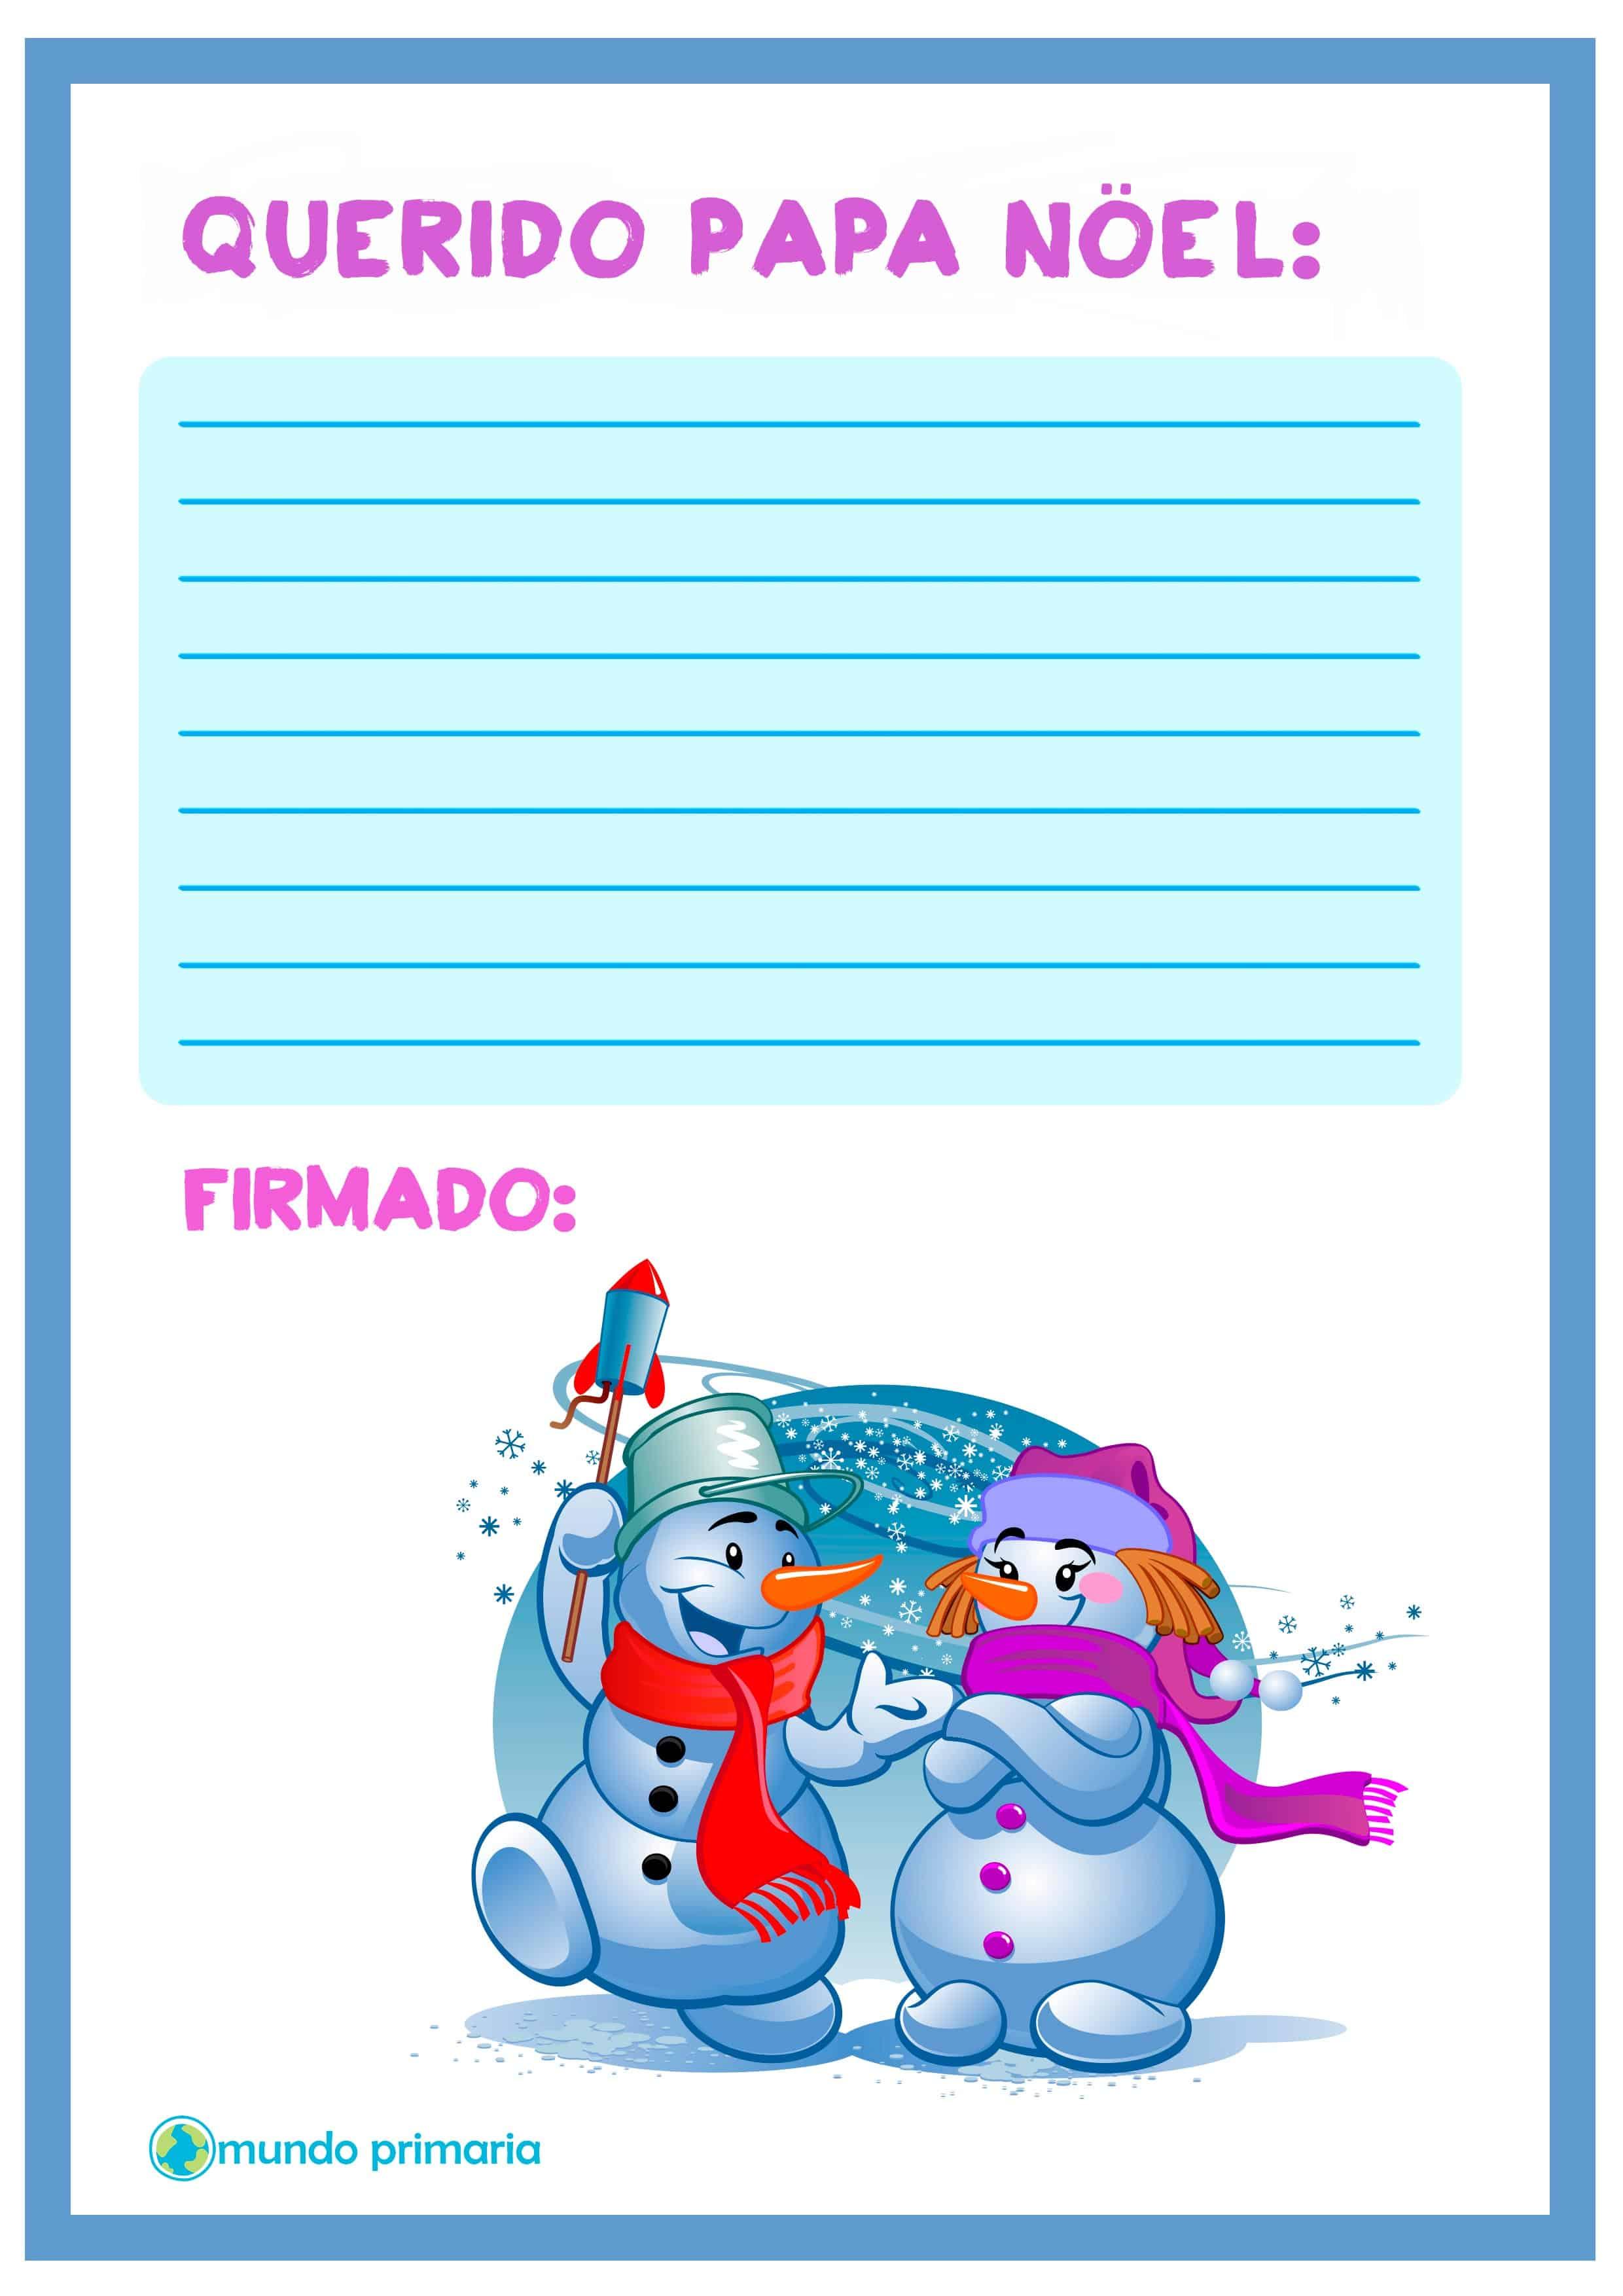 Carta de muñecos de nieve para Papa Noel